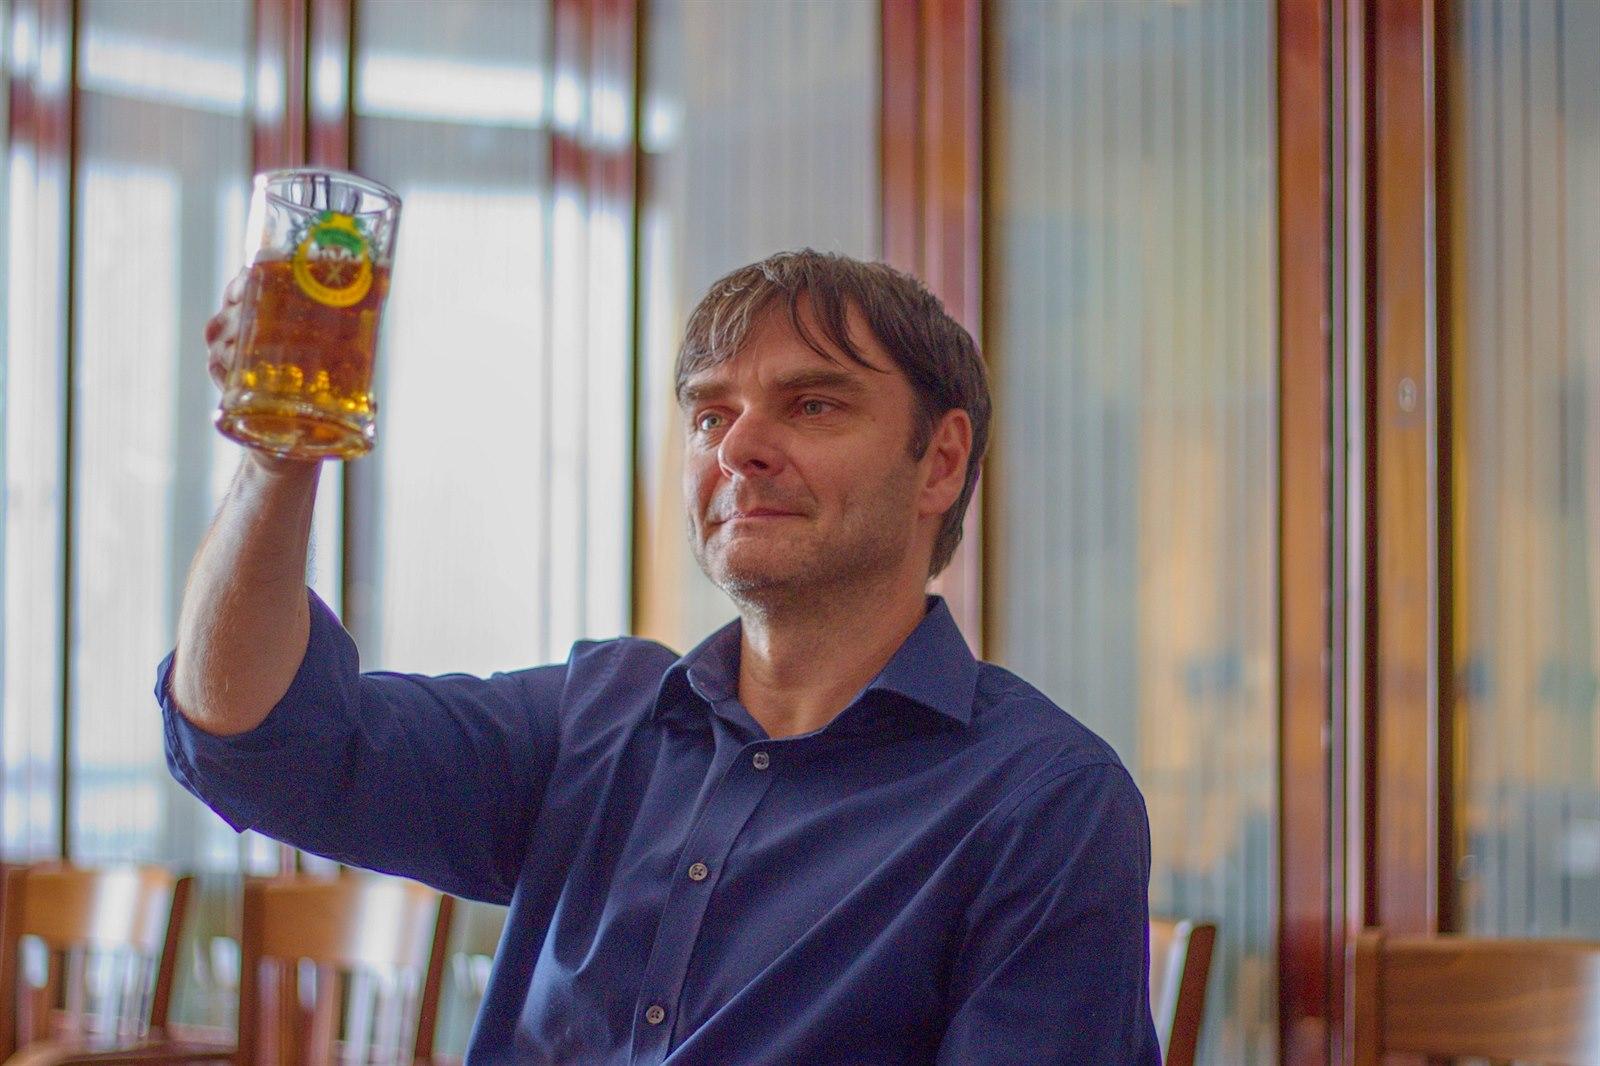 Český ležák je nápoj bohů, říká odborník. Ve špatném pivu ucítíte i ponožky